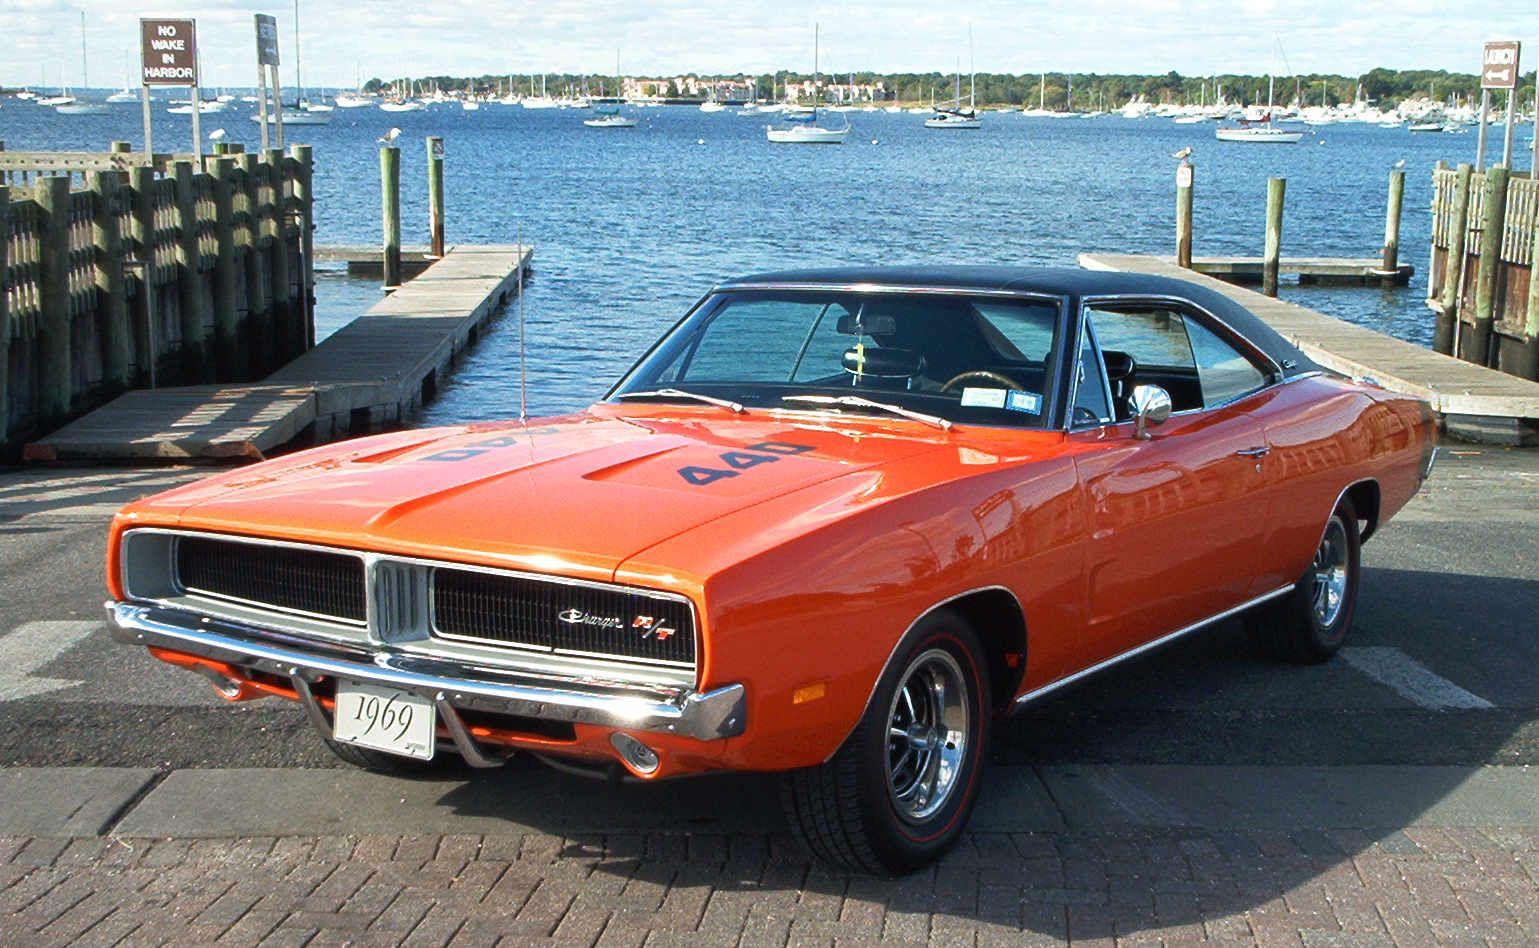 1969 Charger 1969 Dodge Charger V8 1969 Dodge Charger General Lee Dodge Charger 1969 Dodge Charger Dodge Charger Rt